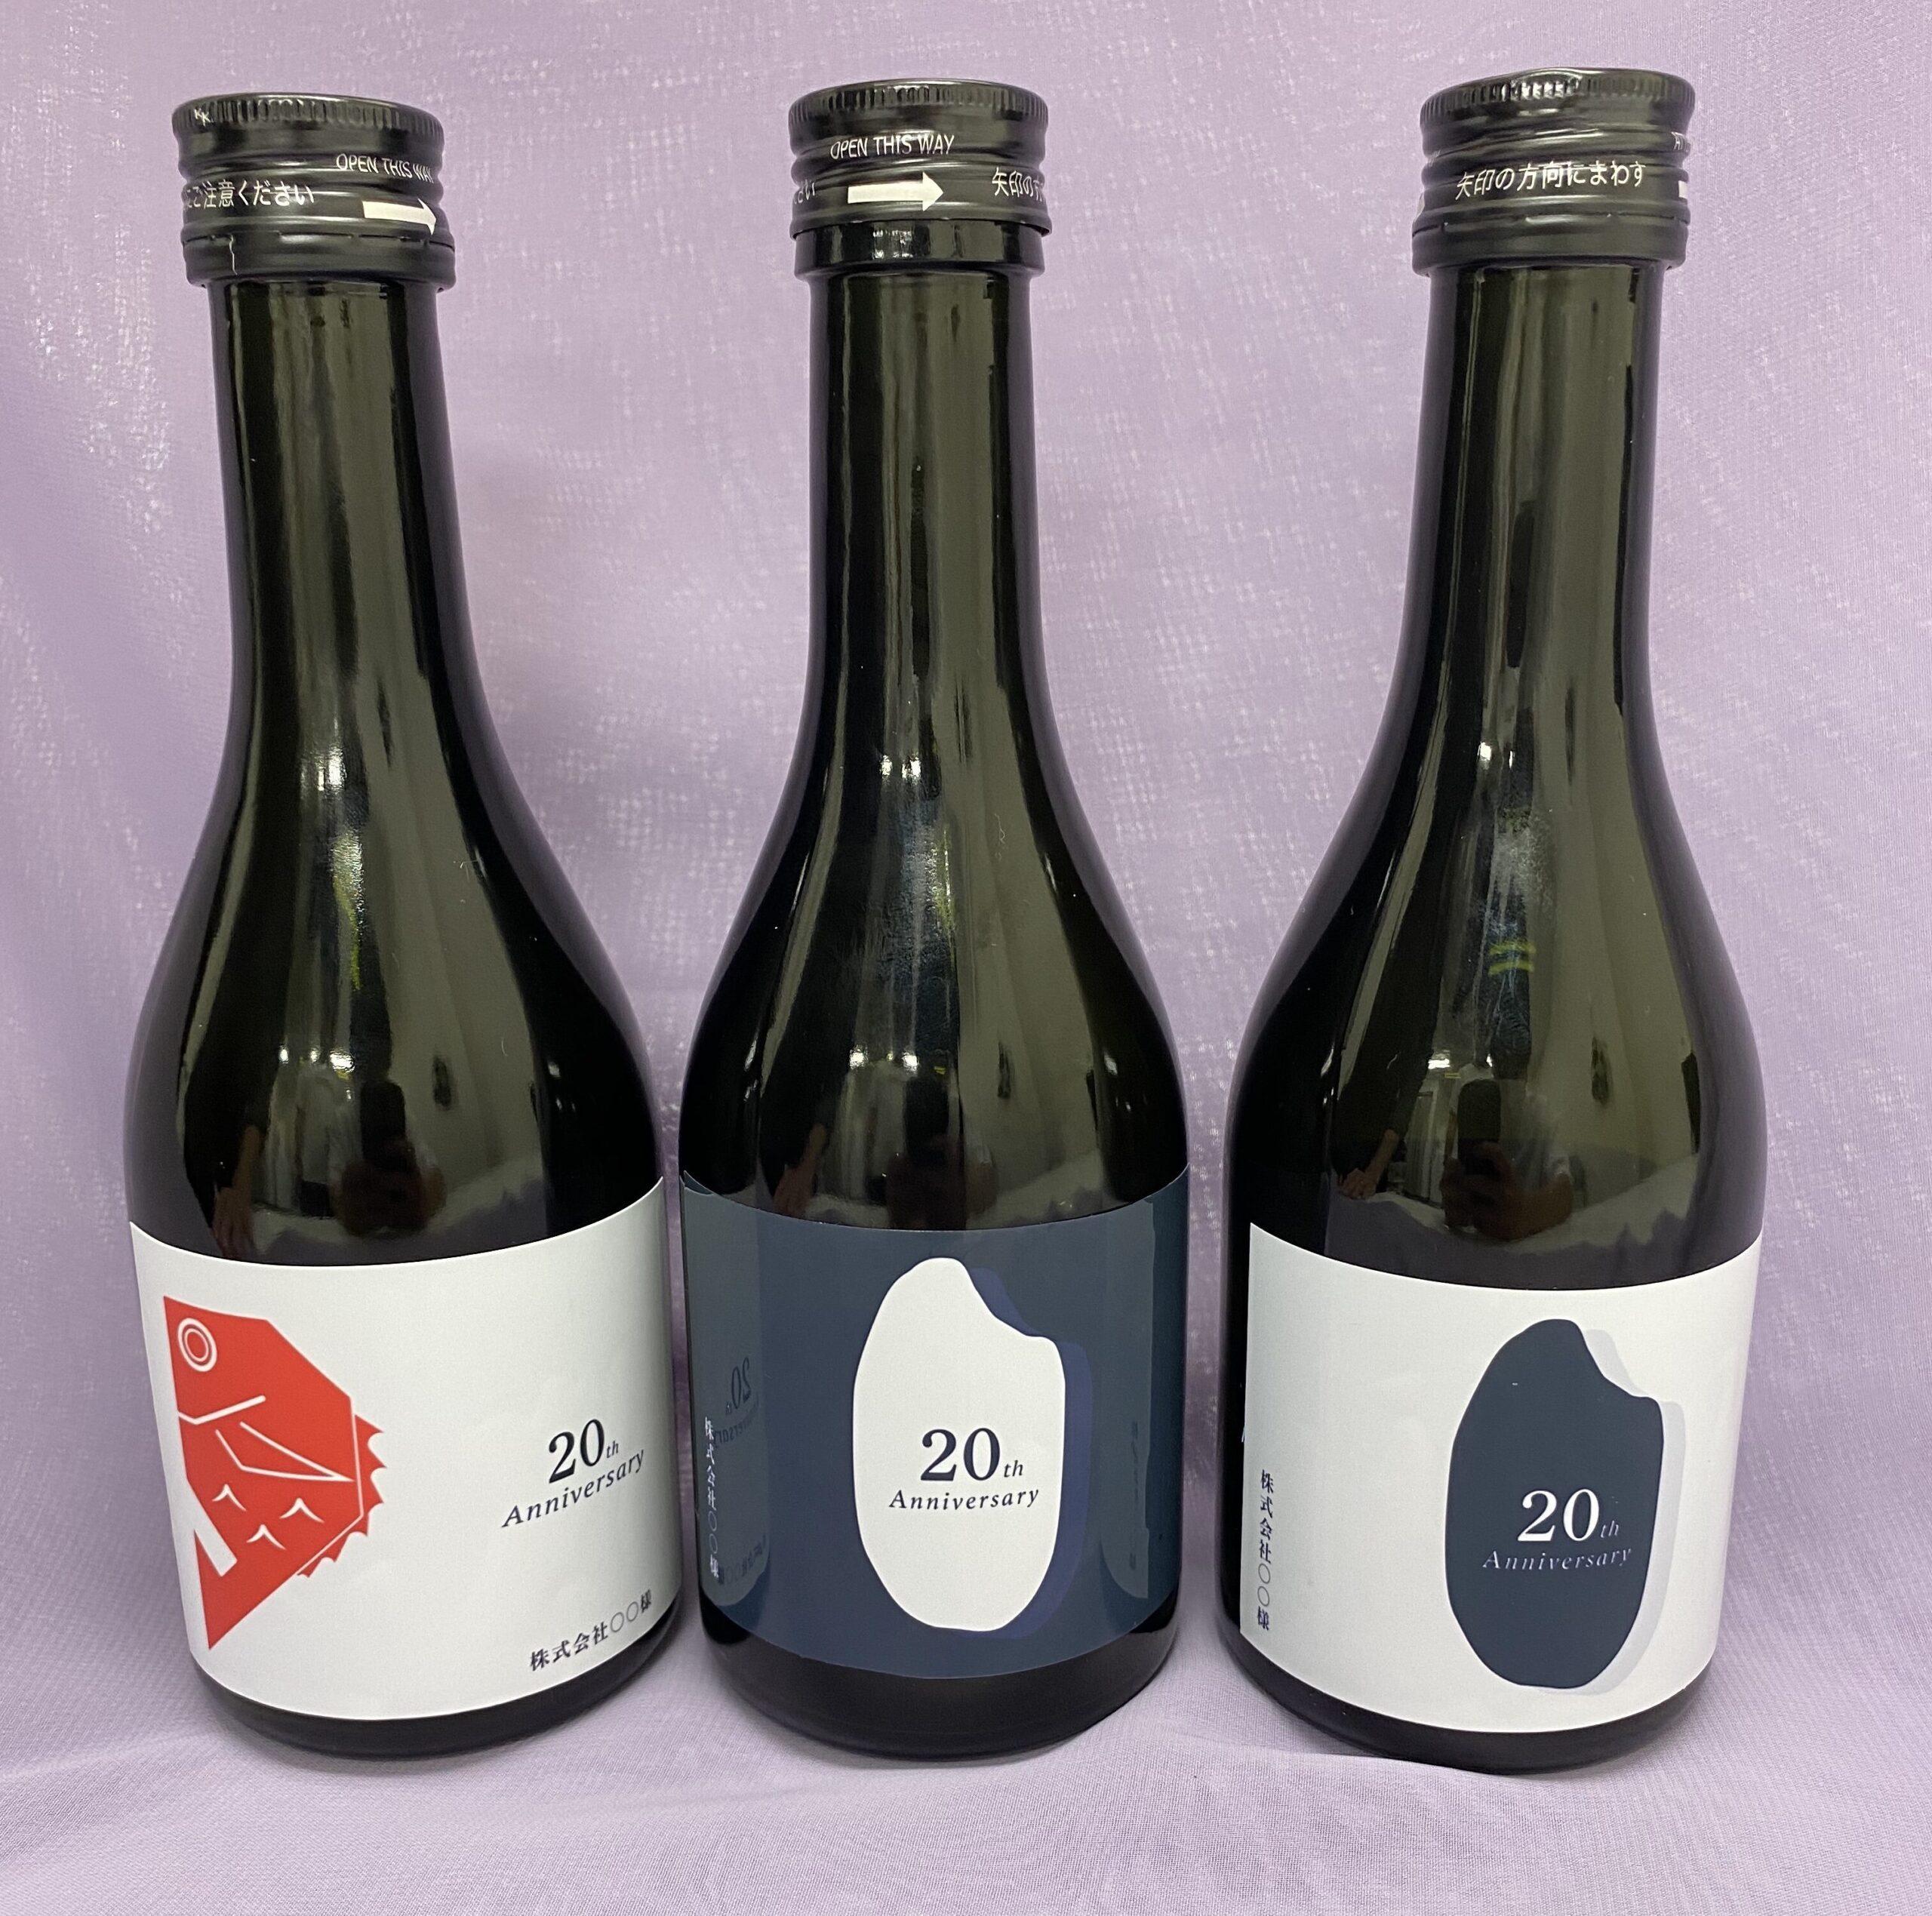 東大発日本酒ベンチャー「Sake Walker」が日本酒オリジナルラベルサービス「SAKEギフト」をローンチ。「贈る日本酒市場」の開拓を目指す。